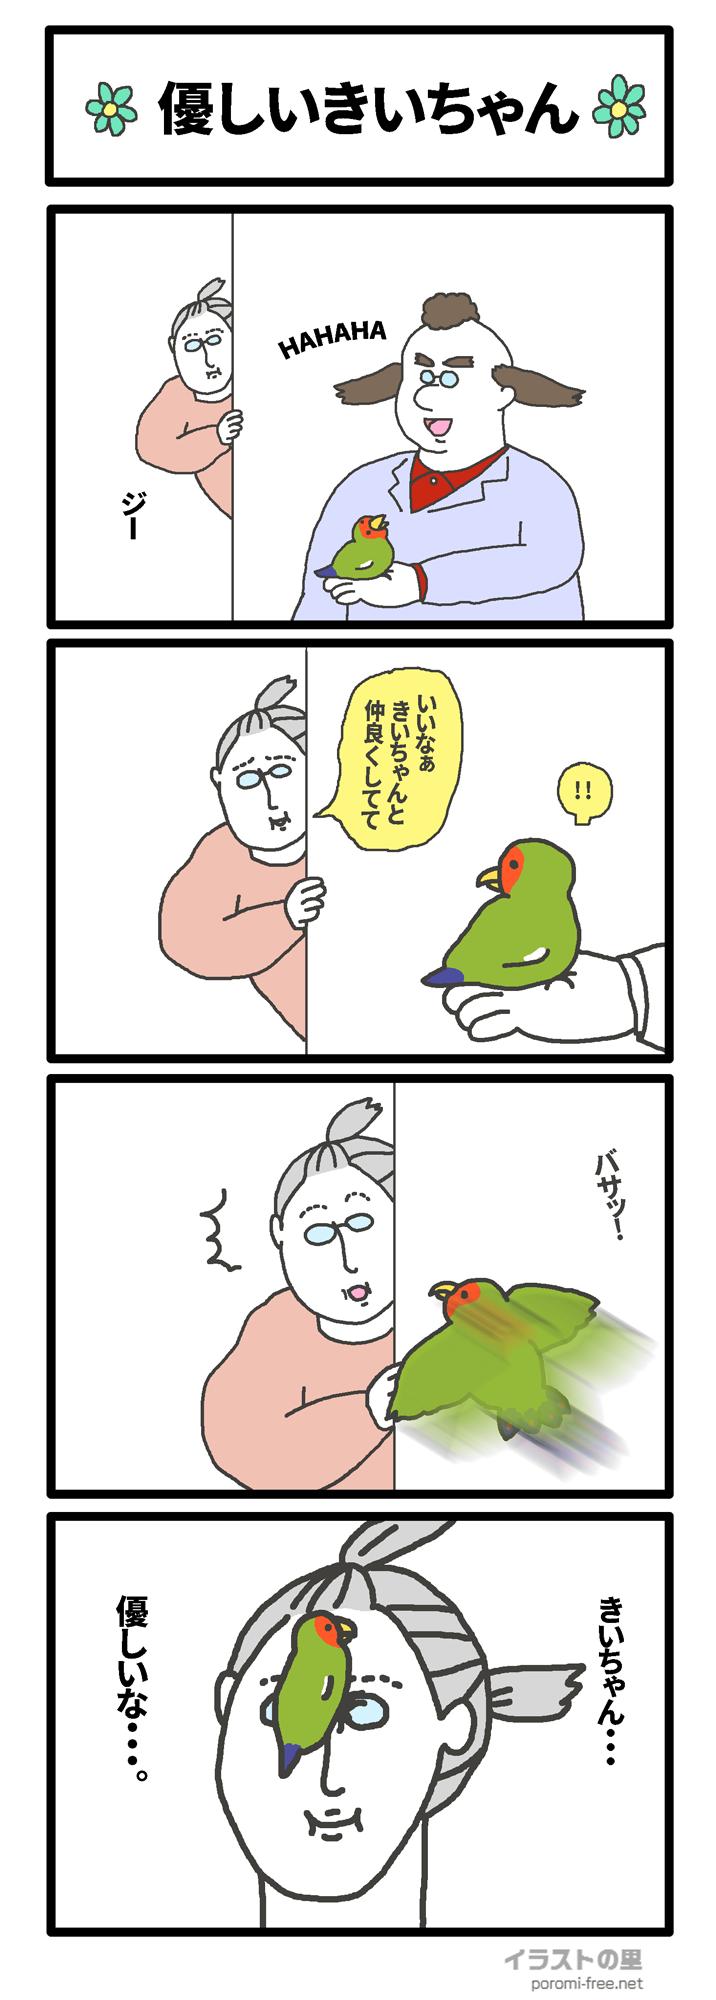 四コマ漫画『優しいきいちゃん』